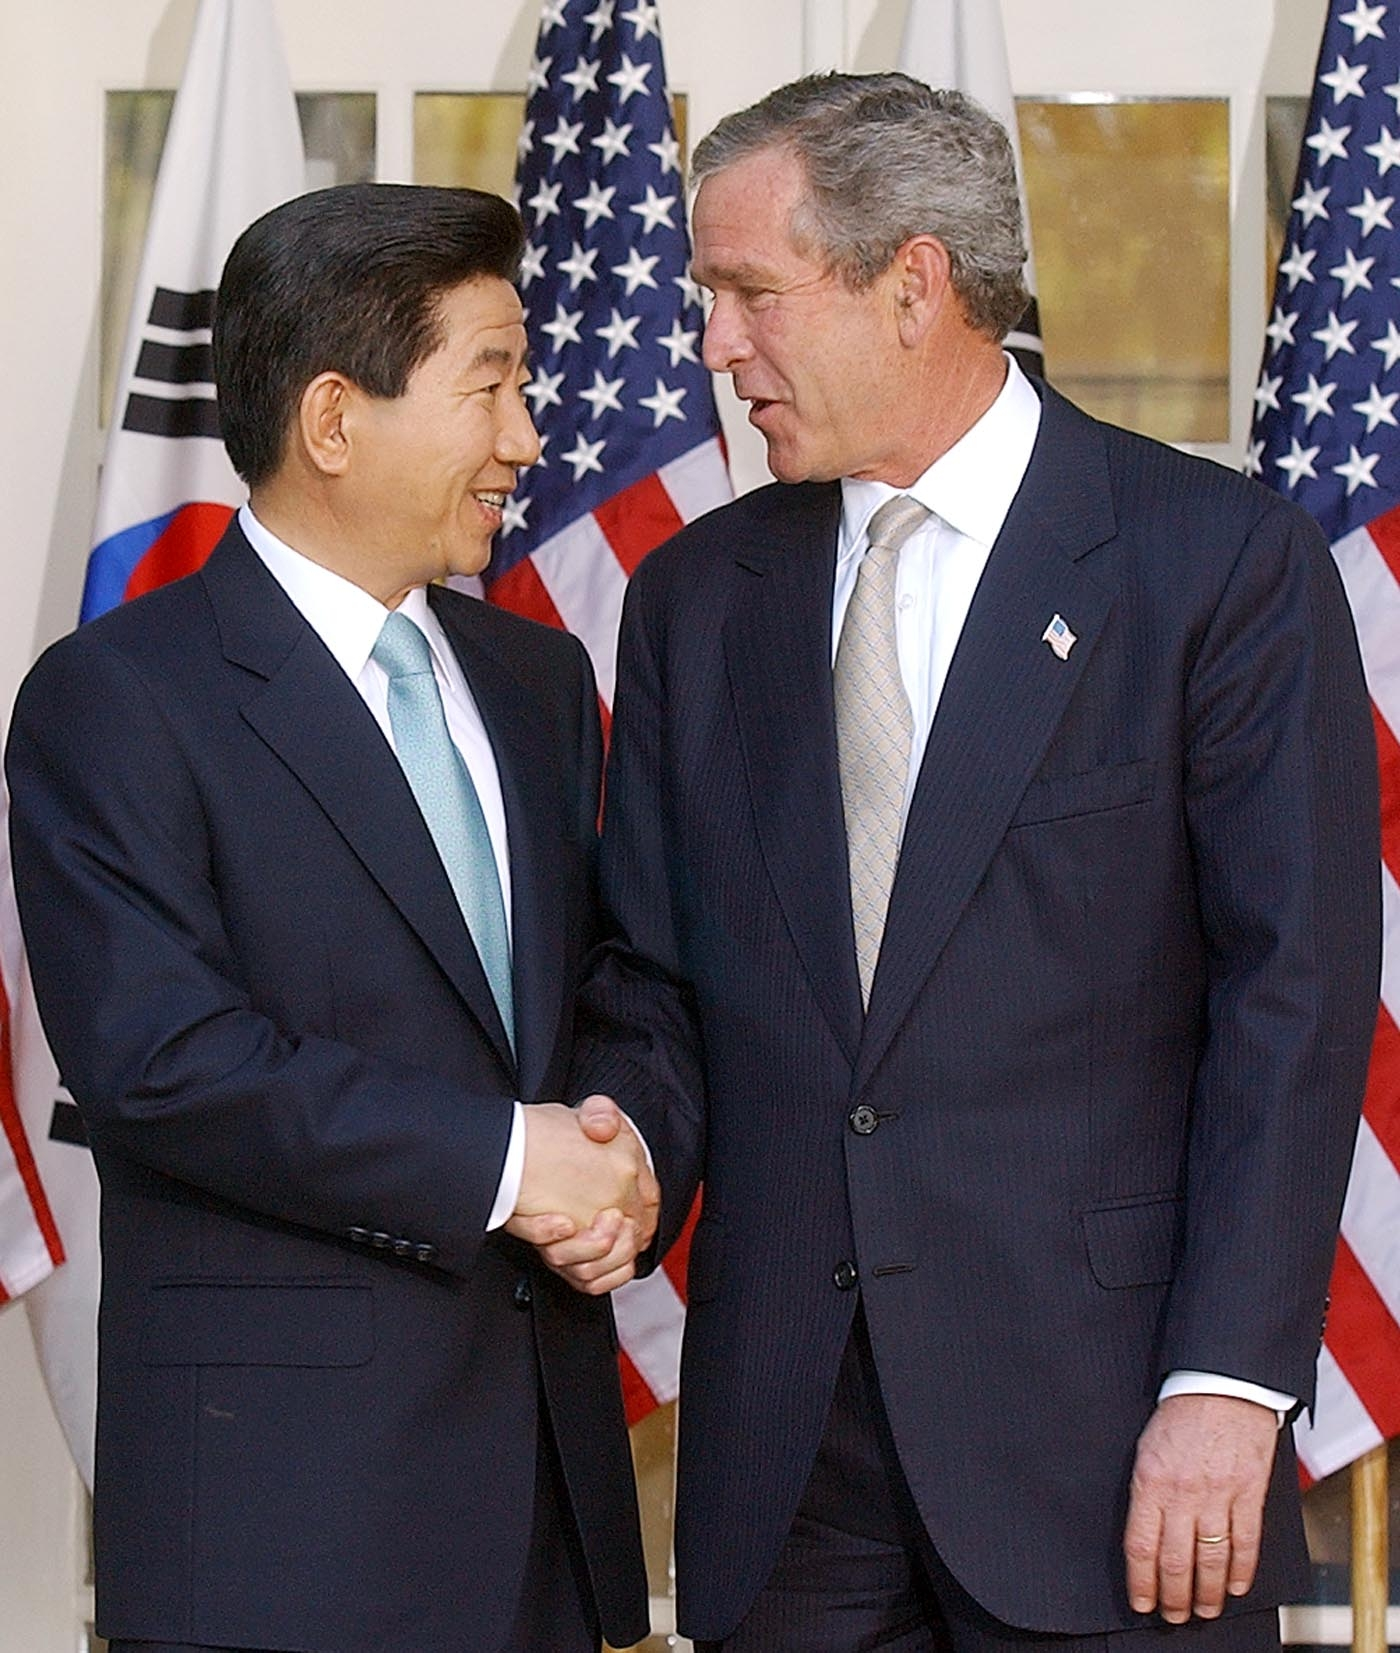 2003년 5월 14일 오후(현지 시간), 백악관에서 한미 정상회담을 마친 부시 미 대통령과 노무현 대통령이 기자회견을 마친 뒤 악수하고 있다.